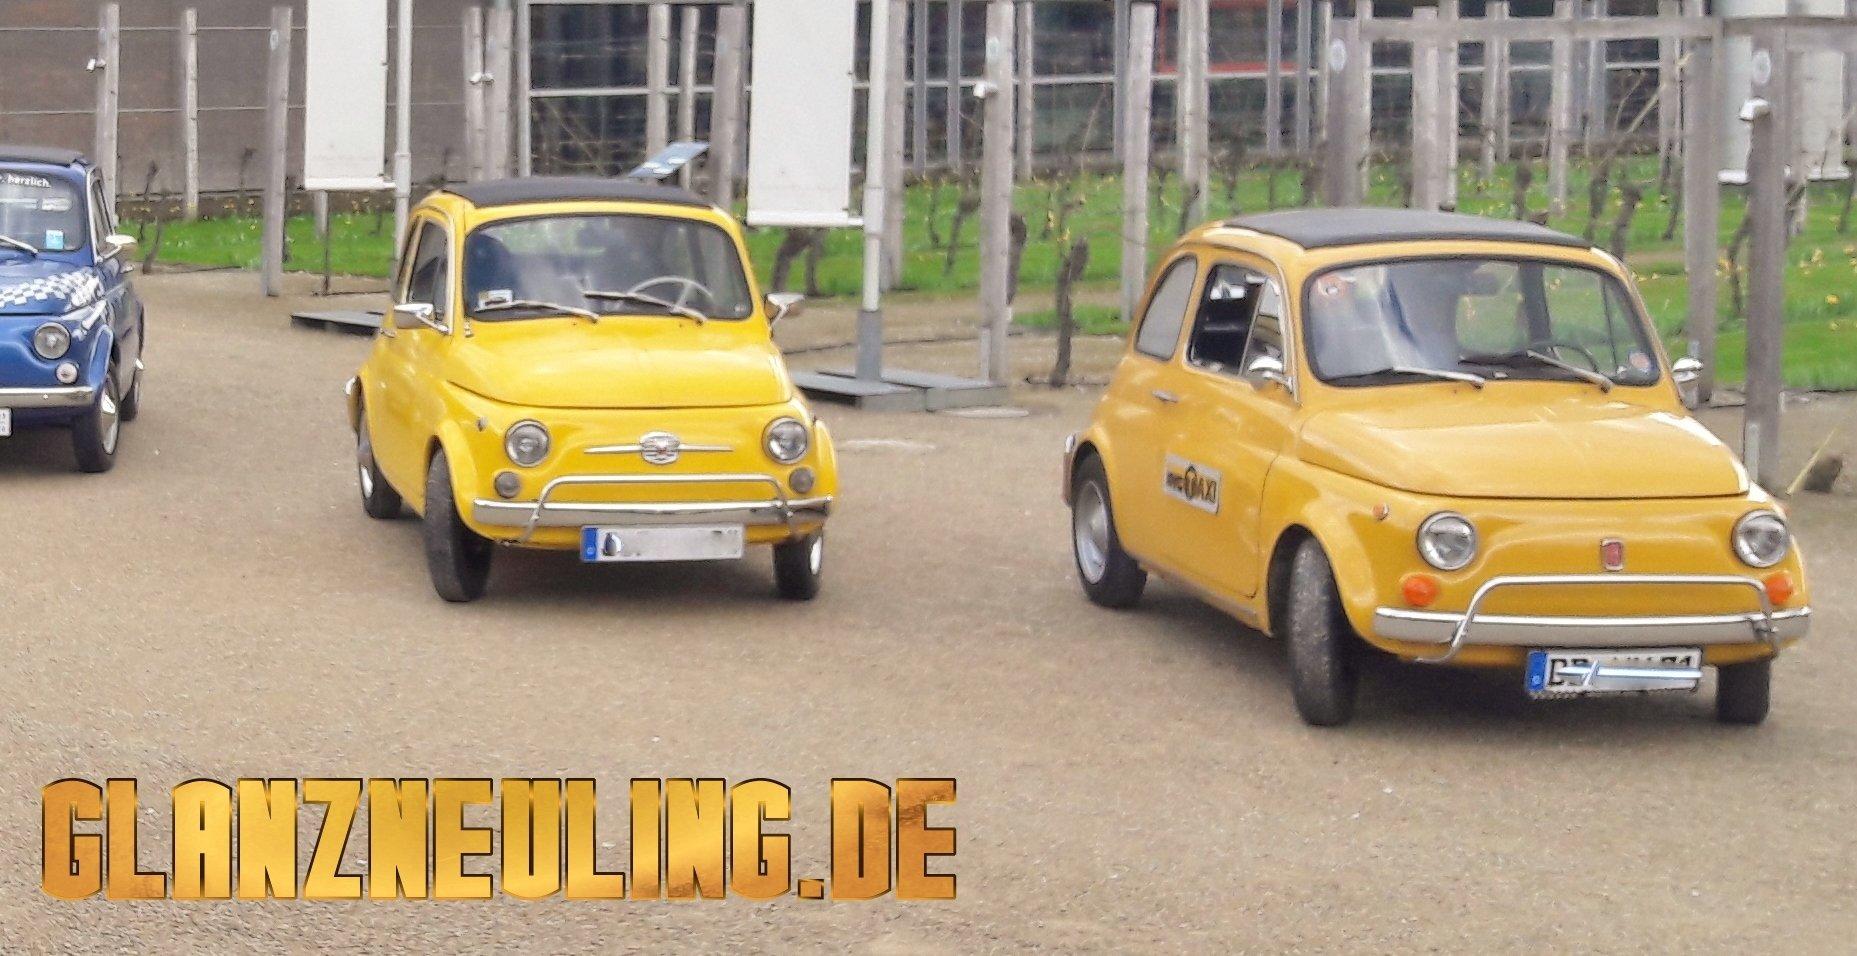 OLdtimer mieten Sachsen, Party Event Tagung, Dresden, kleine Autos